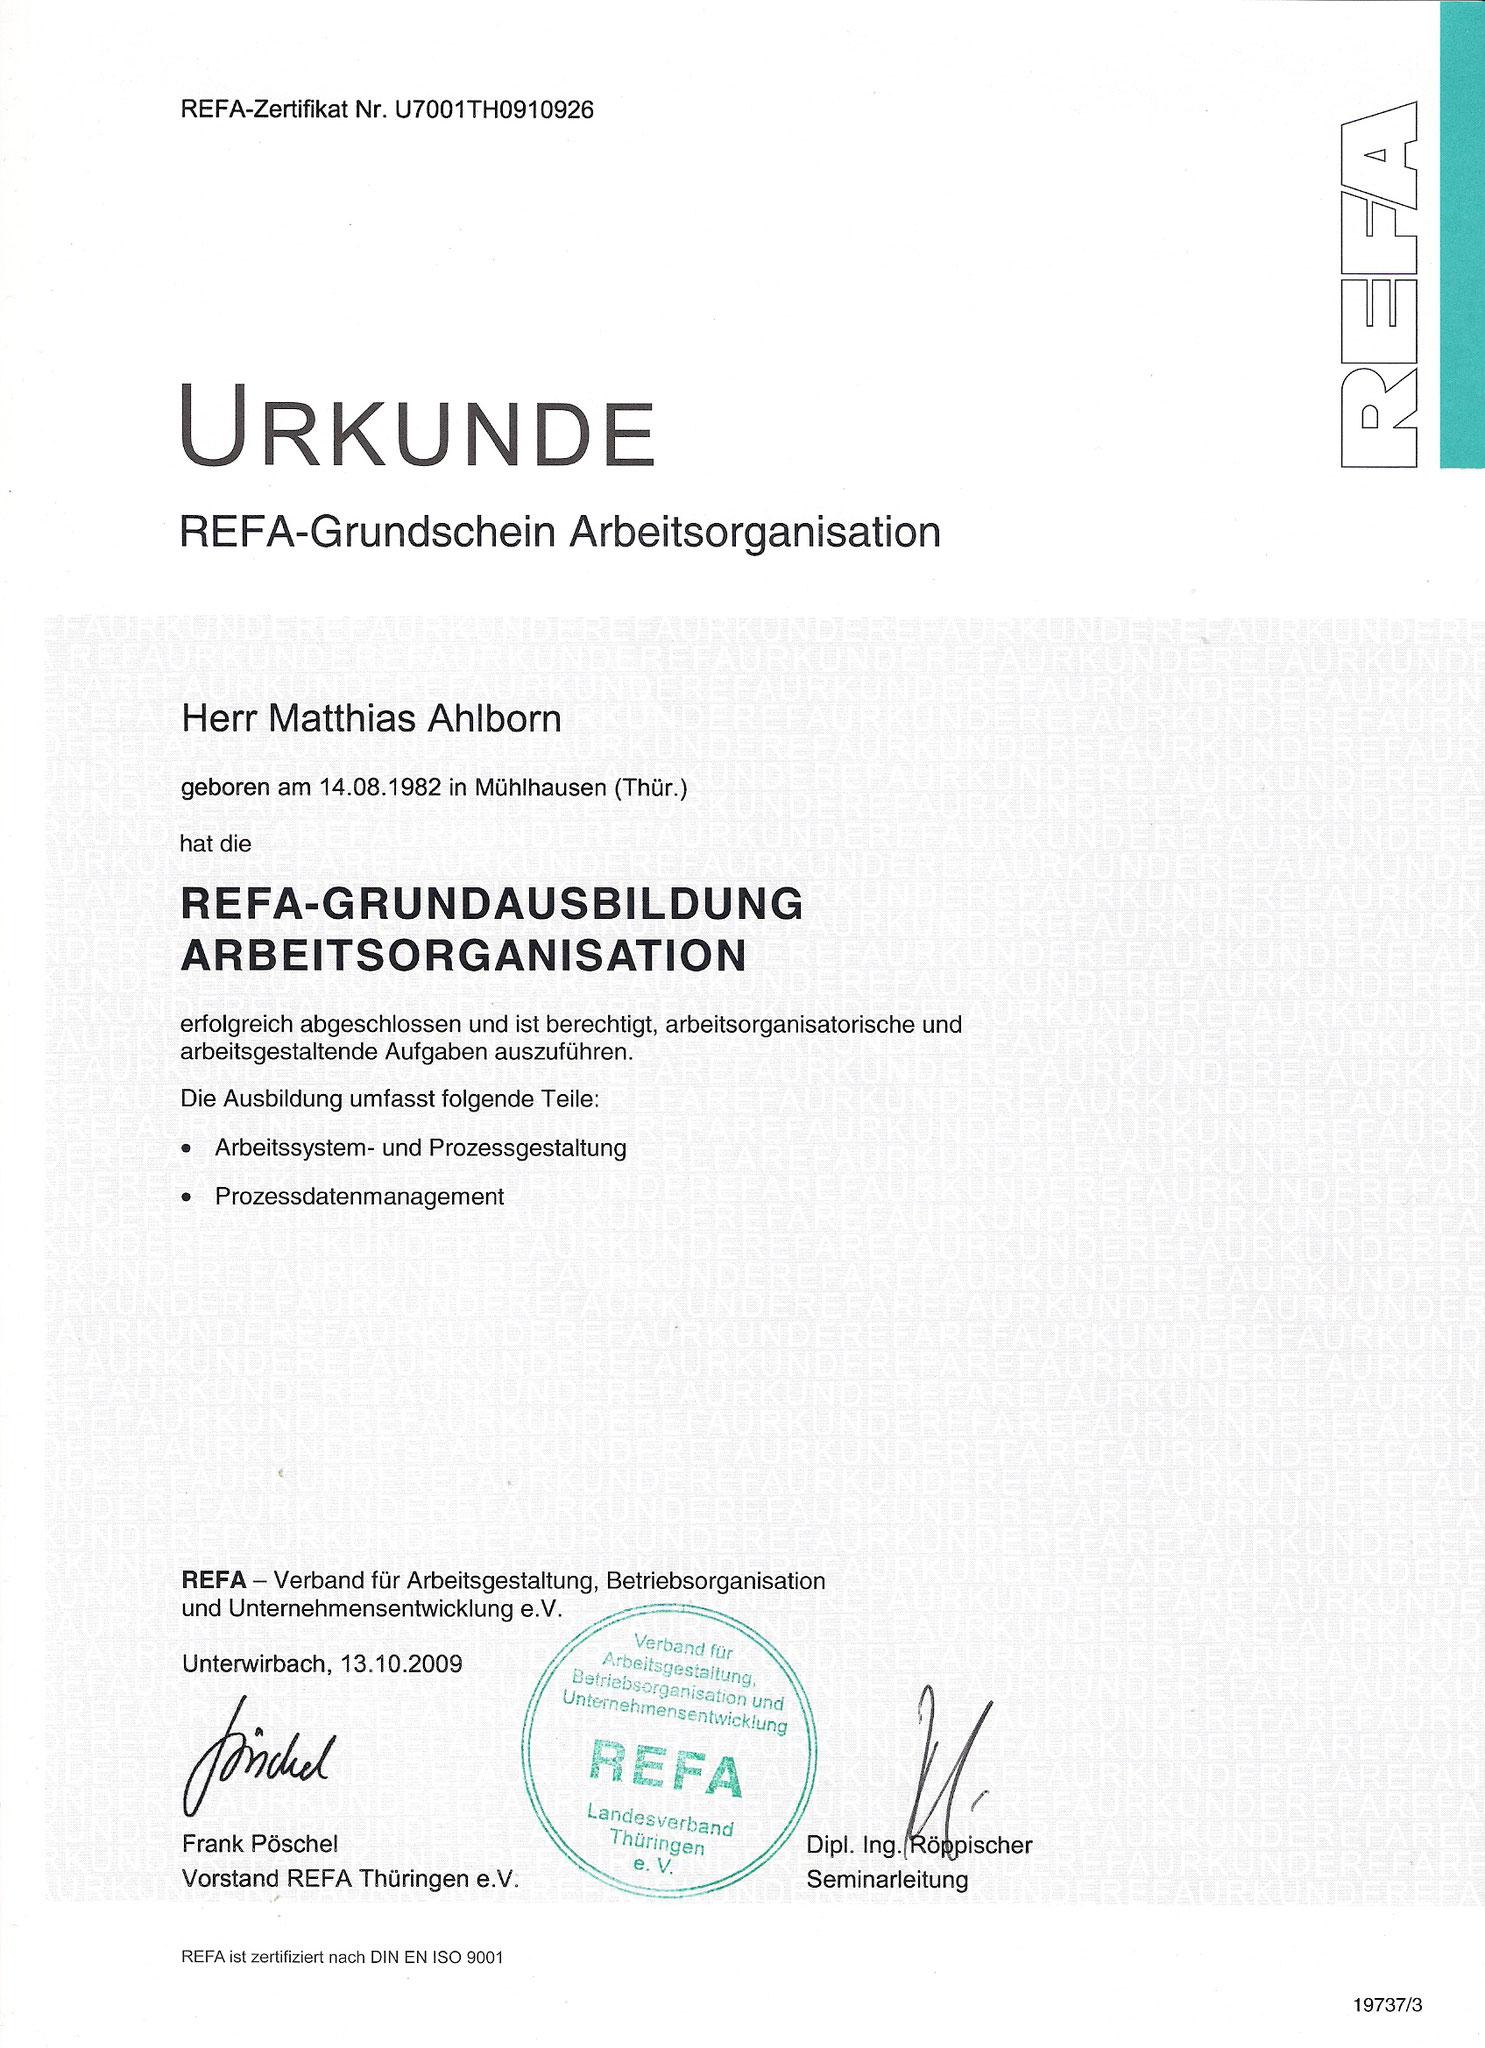 REFA Arbeitsstudien und Betriebsorganisation